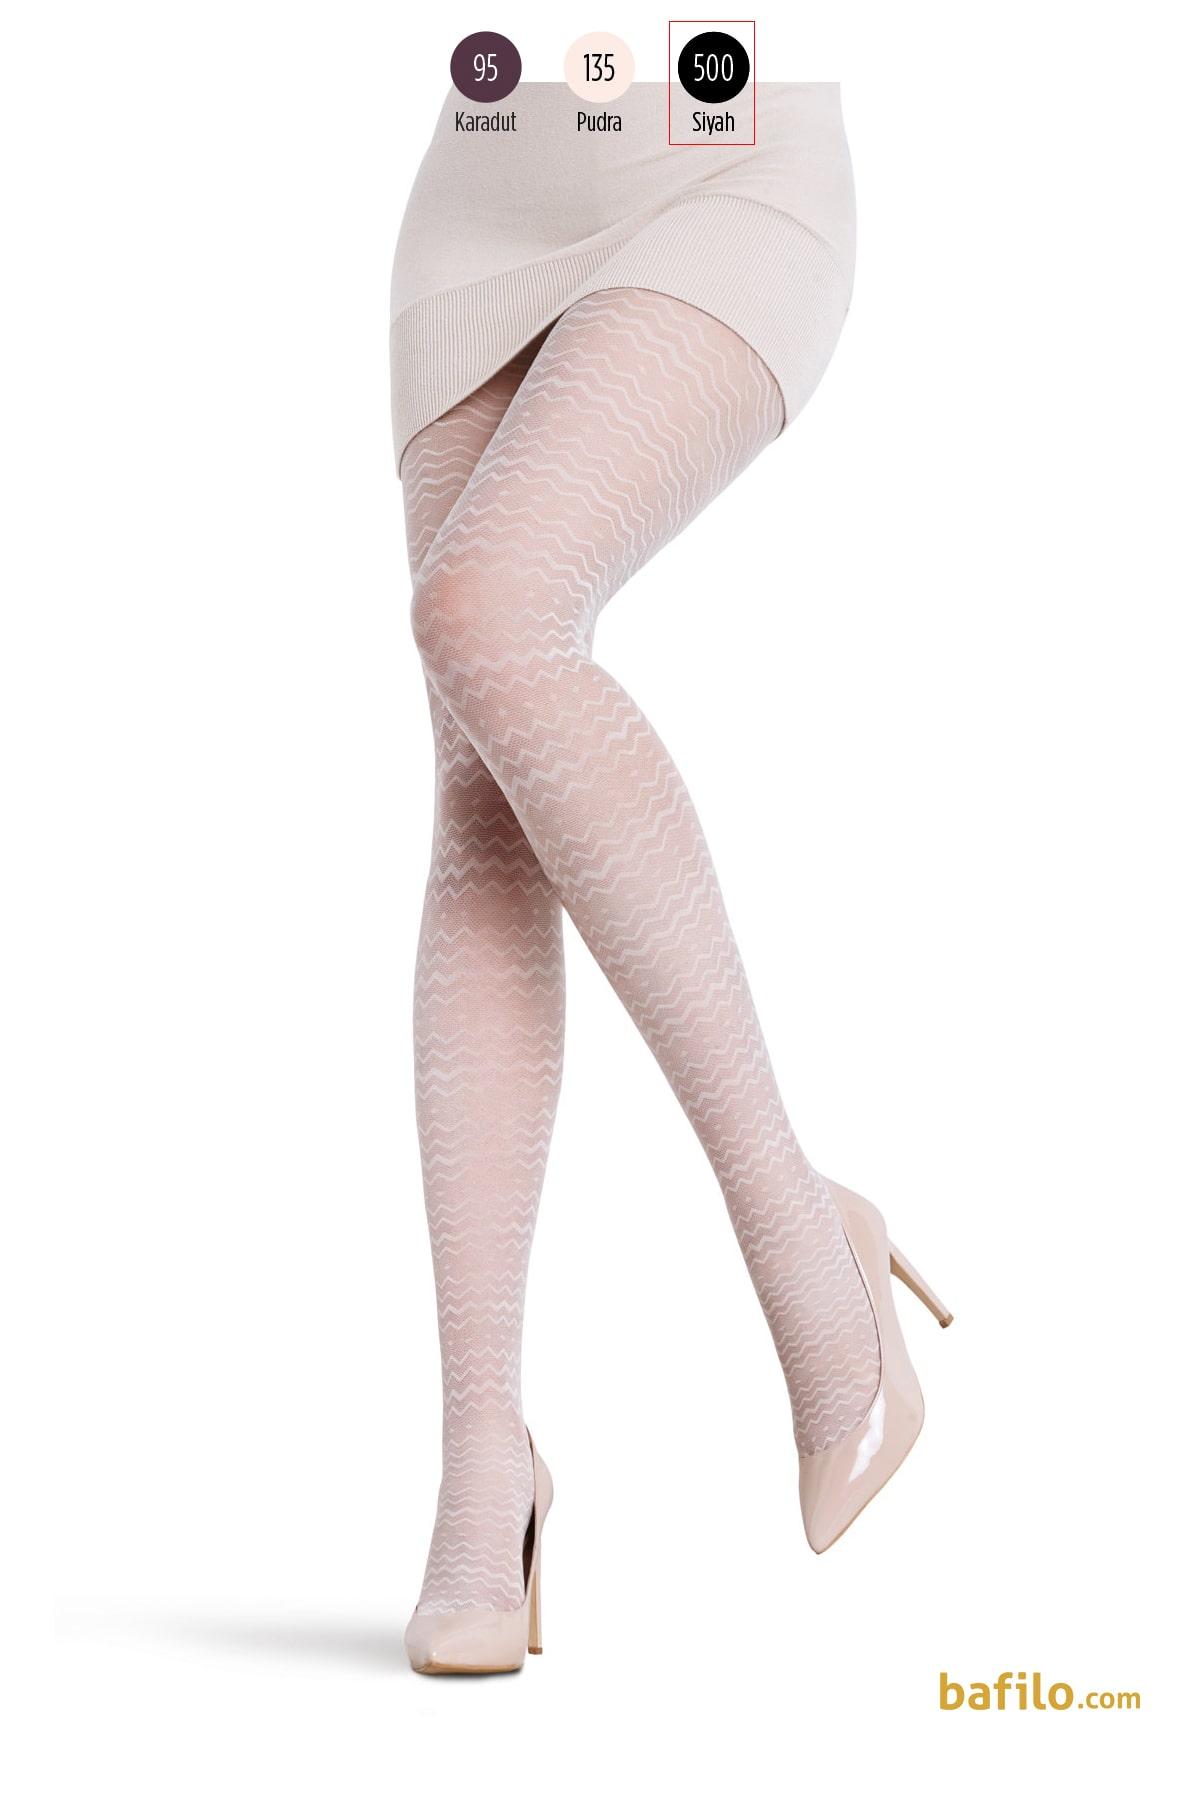 پنتی | Penti - جوراب شلواری طرح دار زنانه پنتی  Cher مشکی